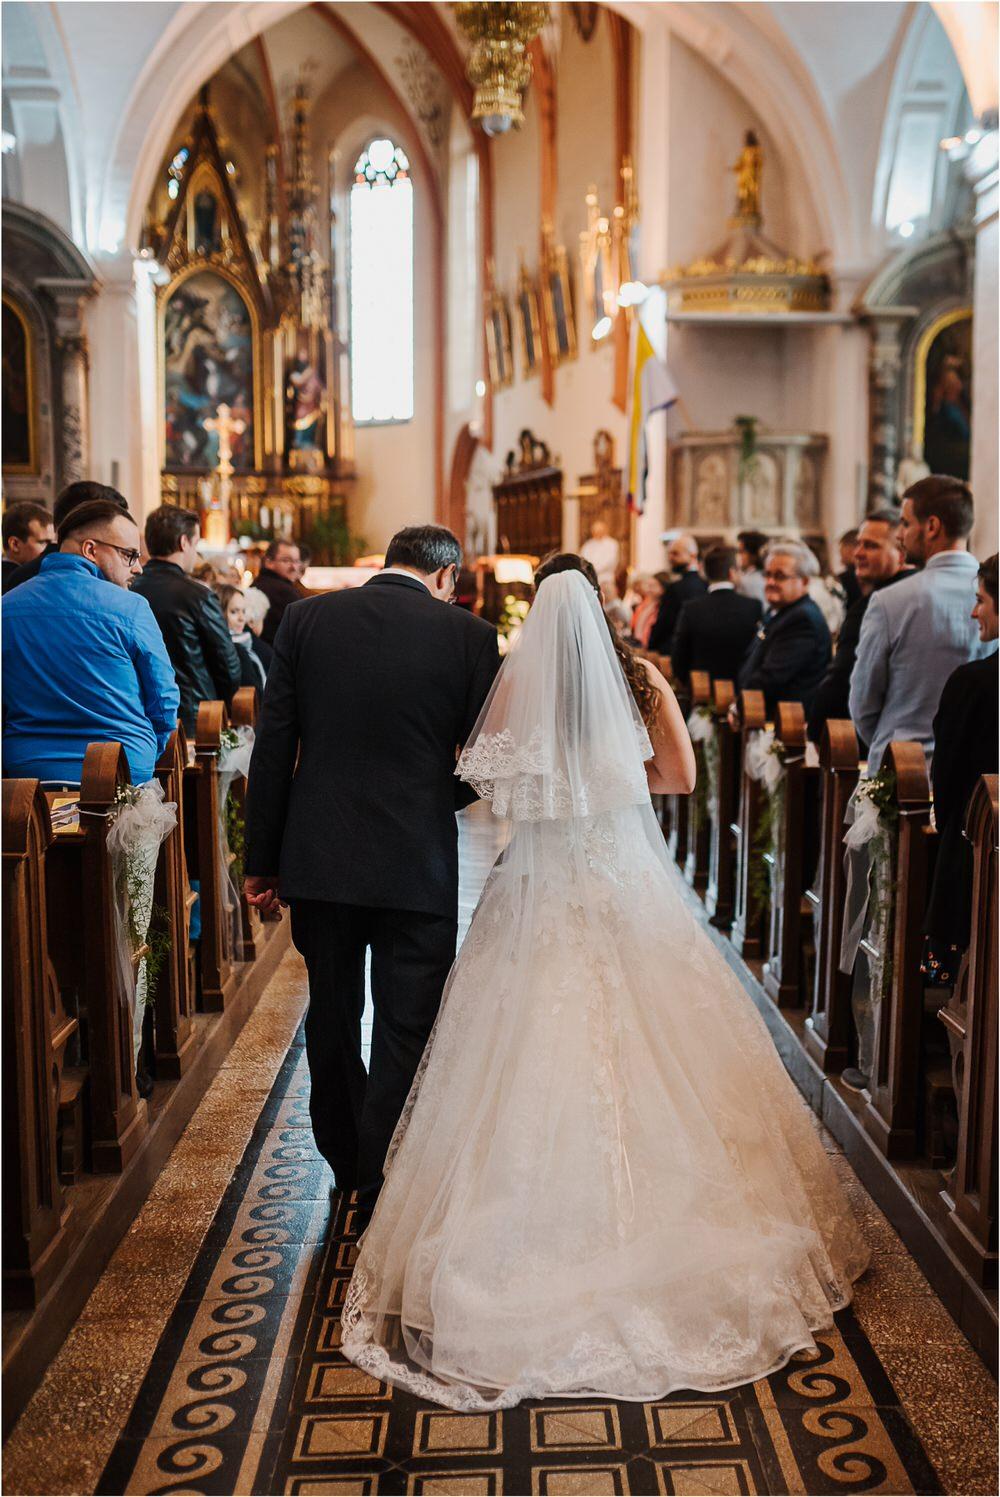 tri lučke poroka poročni fotograf fotografiranje intimna poroka zaroka krško posavje dolenjska novo mesto nika grega rustikalna romantična vintage wedding slovenia photography 0022.jpg